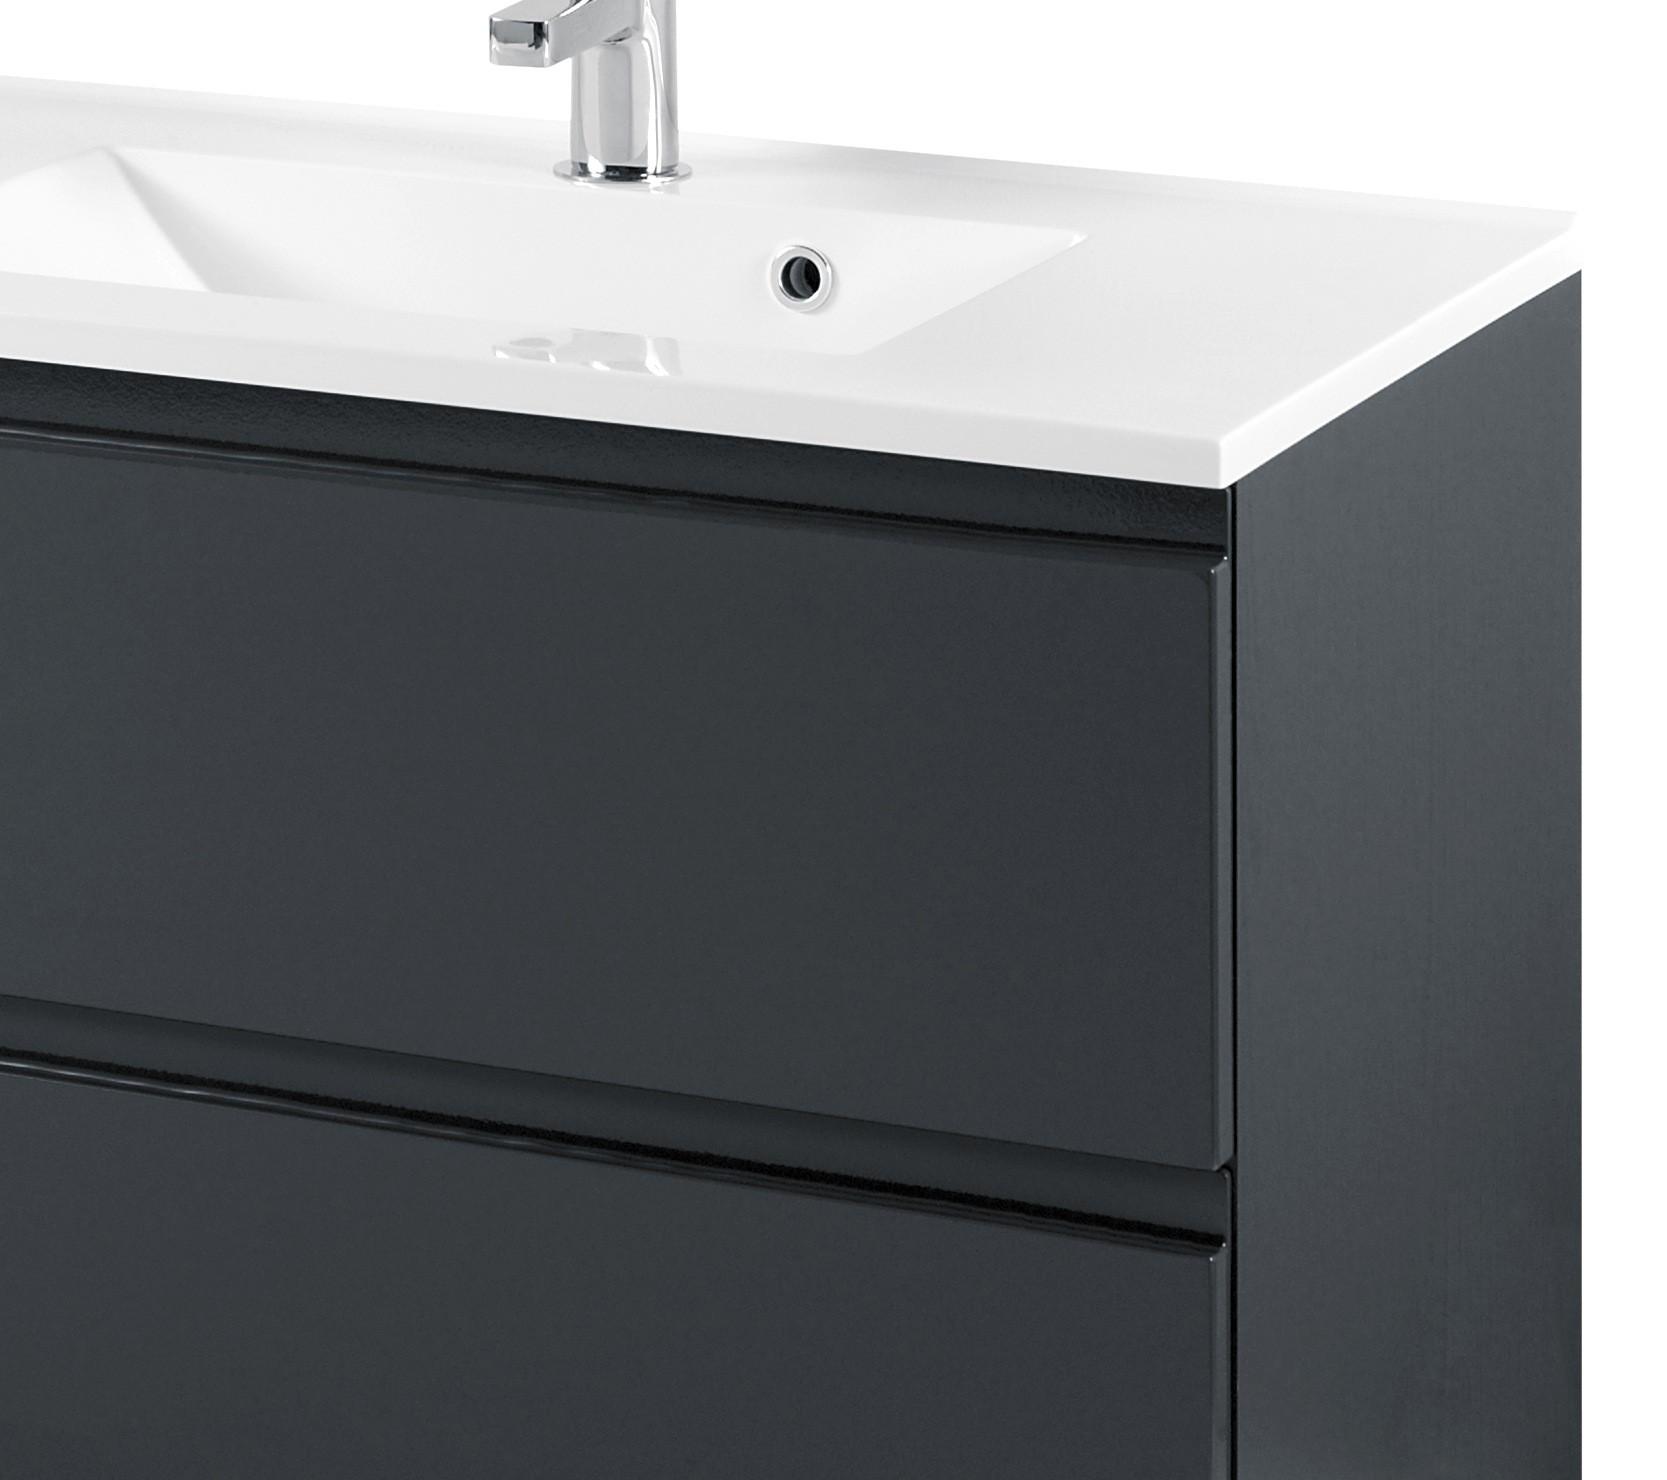 Waschtisch Badezimmer Hohe Aufsatzwaschbecken Waschbecken Terrazzo